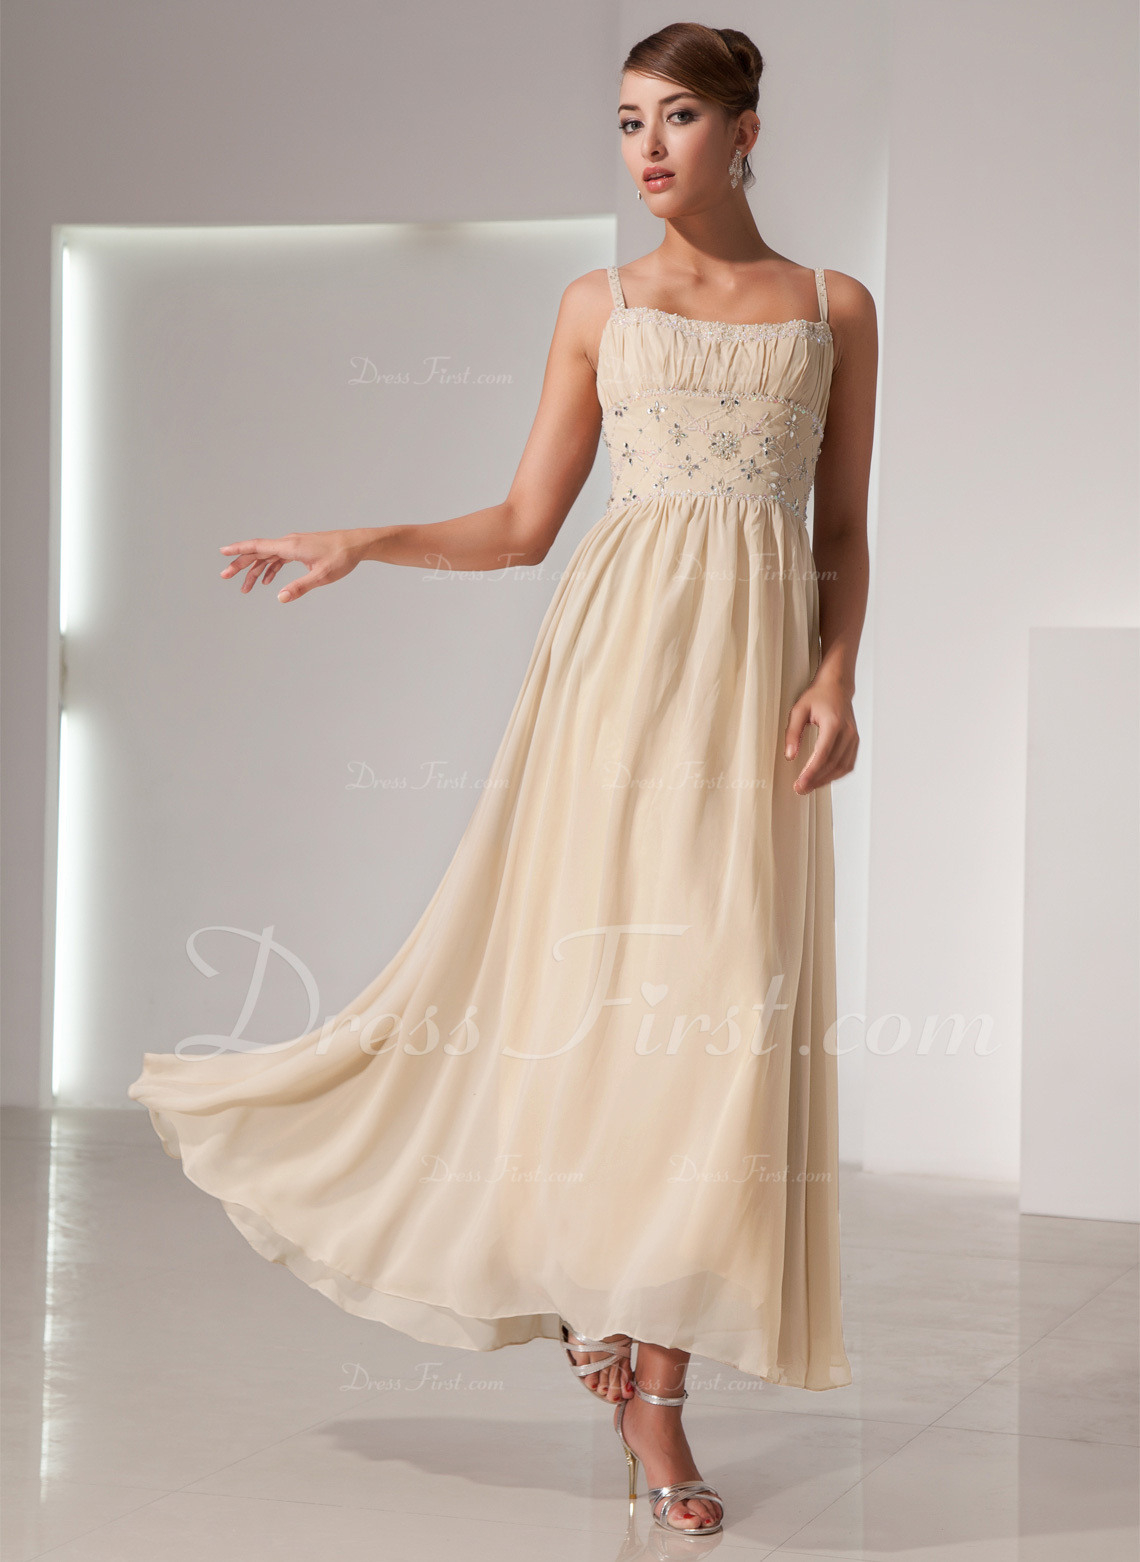 [€ 149.66] A-Linie/princess-Linie U-Ausschnitt Knöchellang Chiffon  Festliche Kleid Mit Rüschen Perlen Verziert - Jjshouse